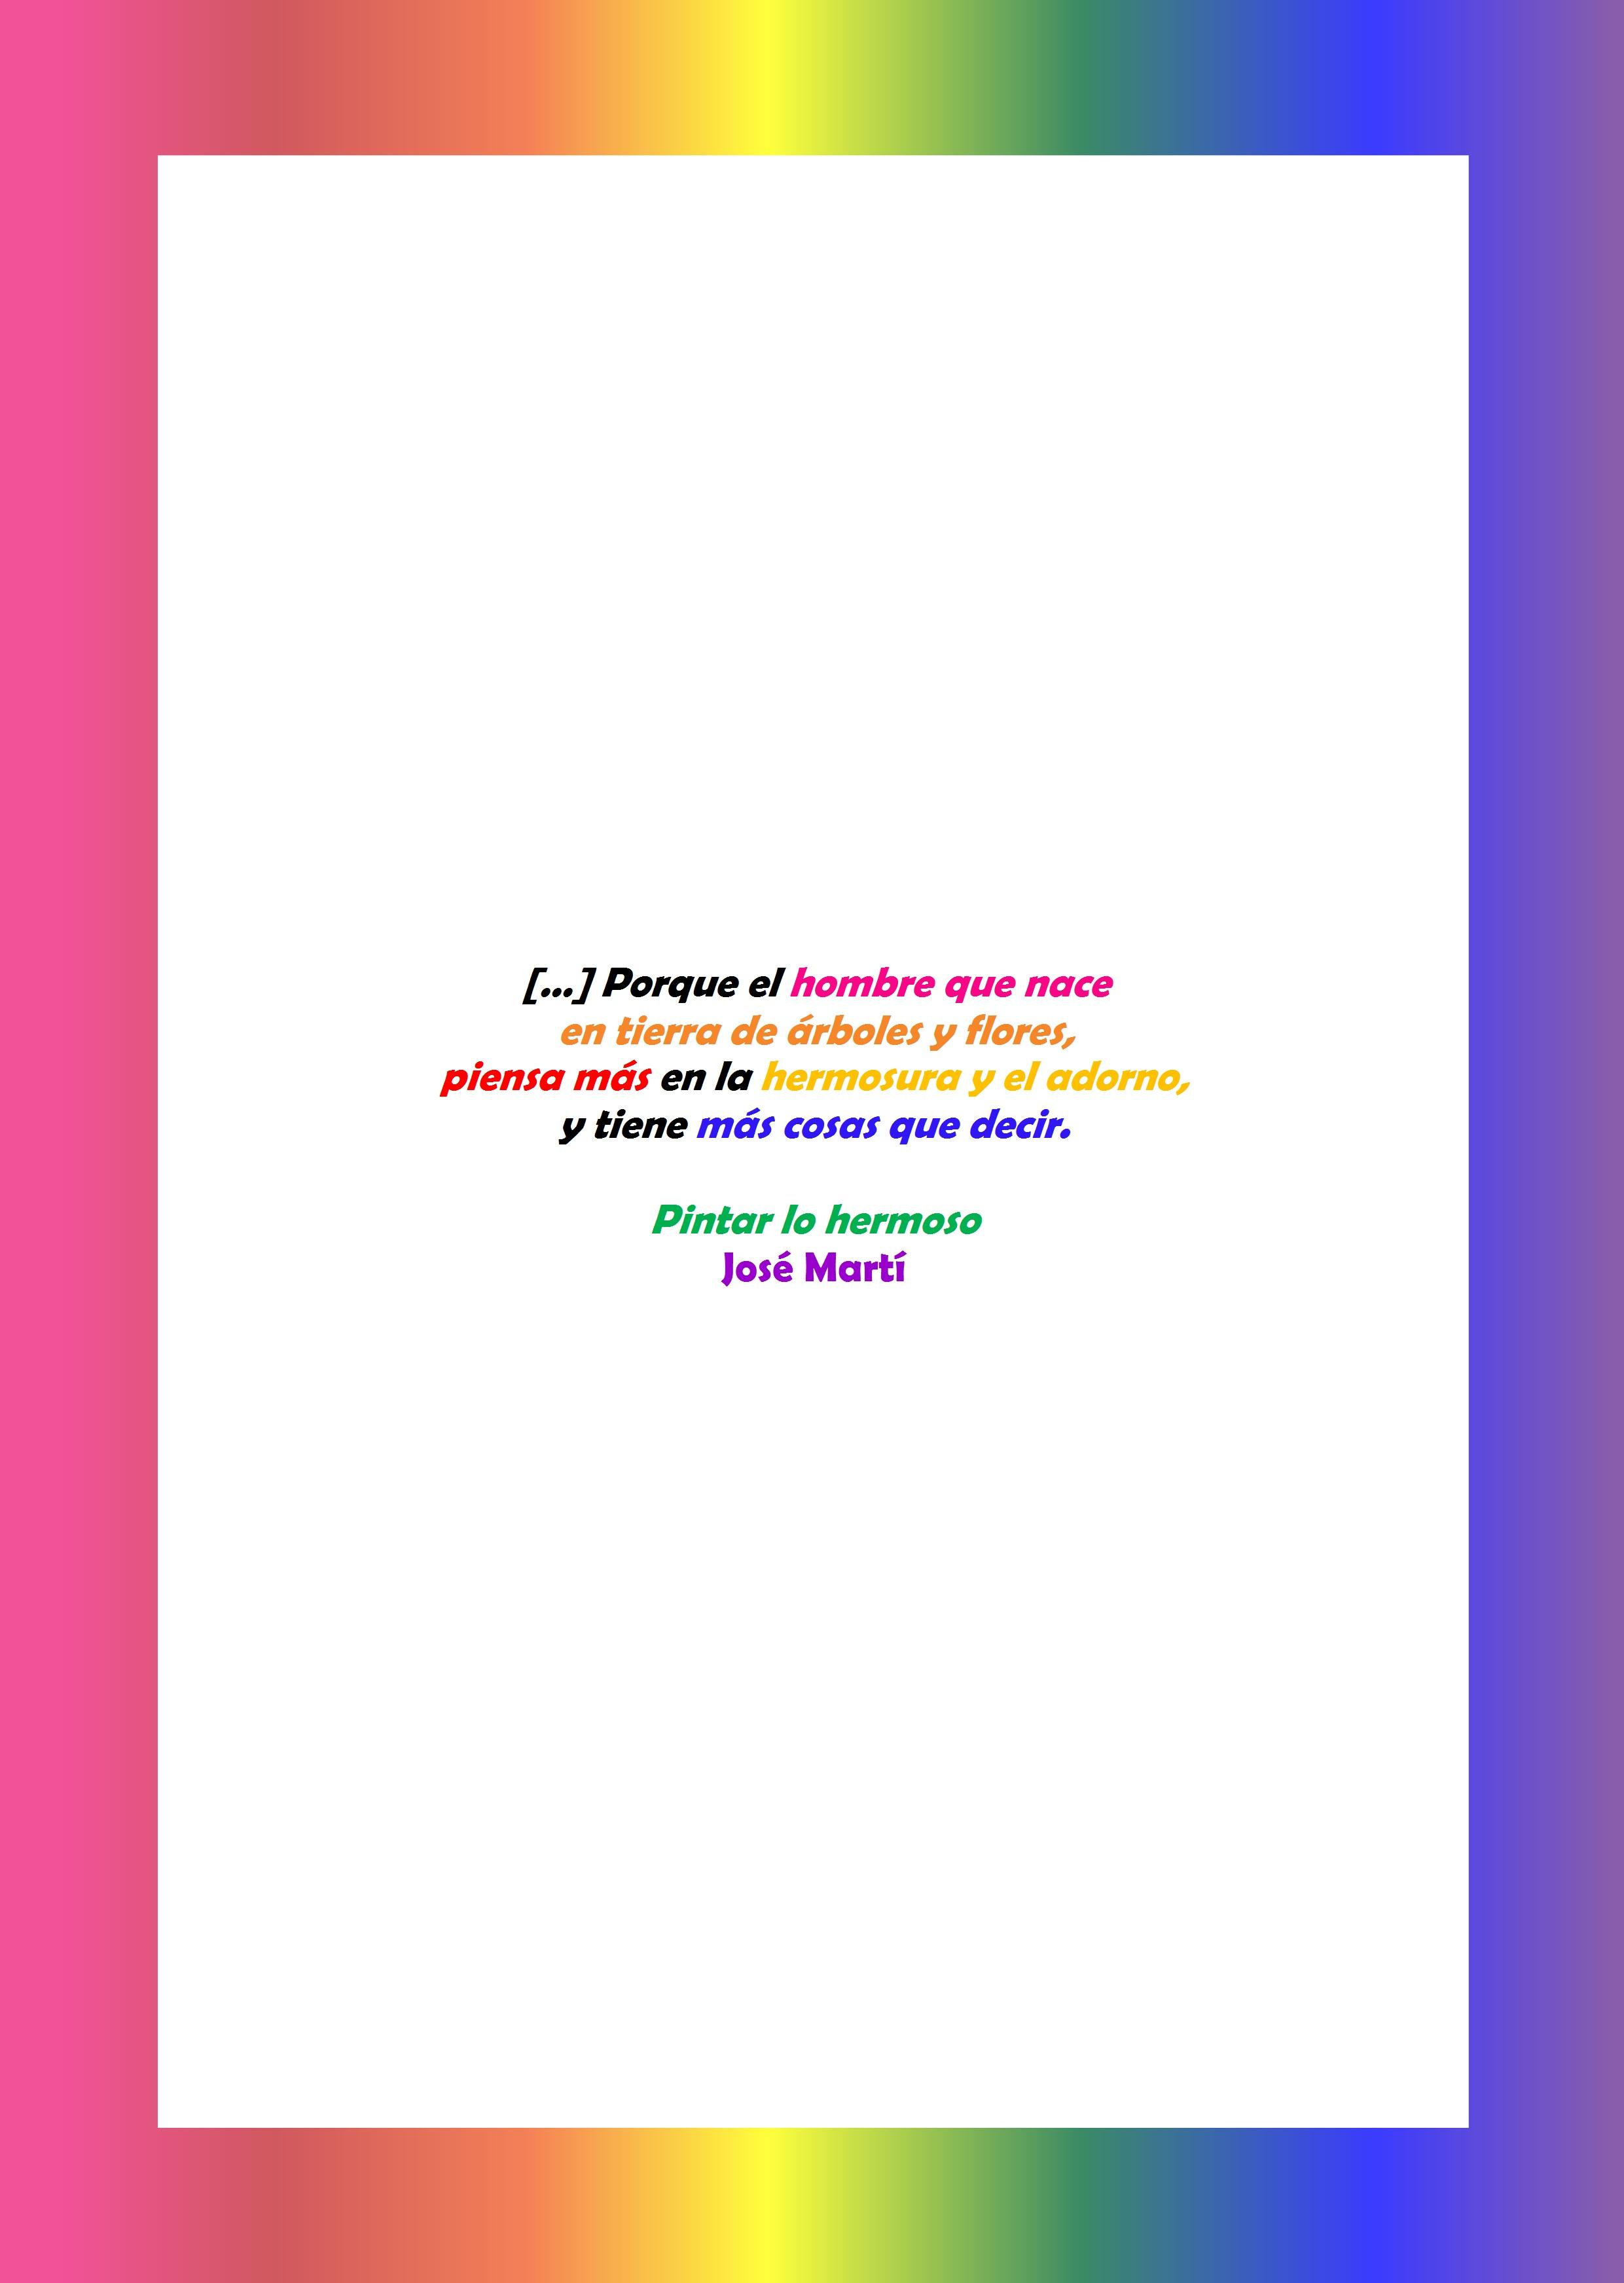 enlace, puedes encontrar el Himno de los 33 Milagros,